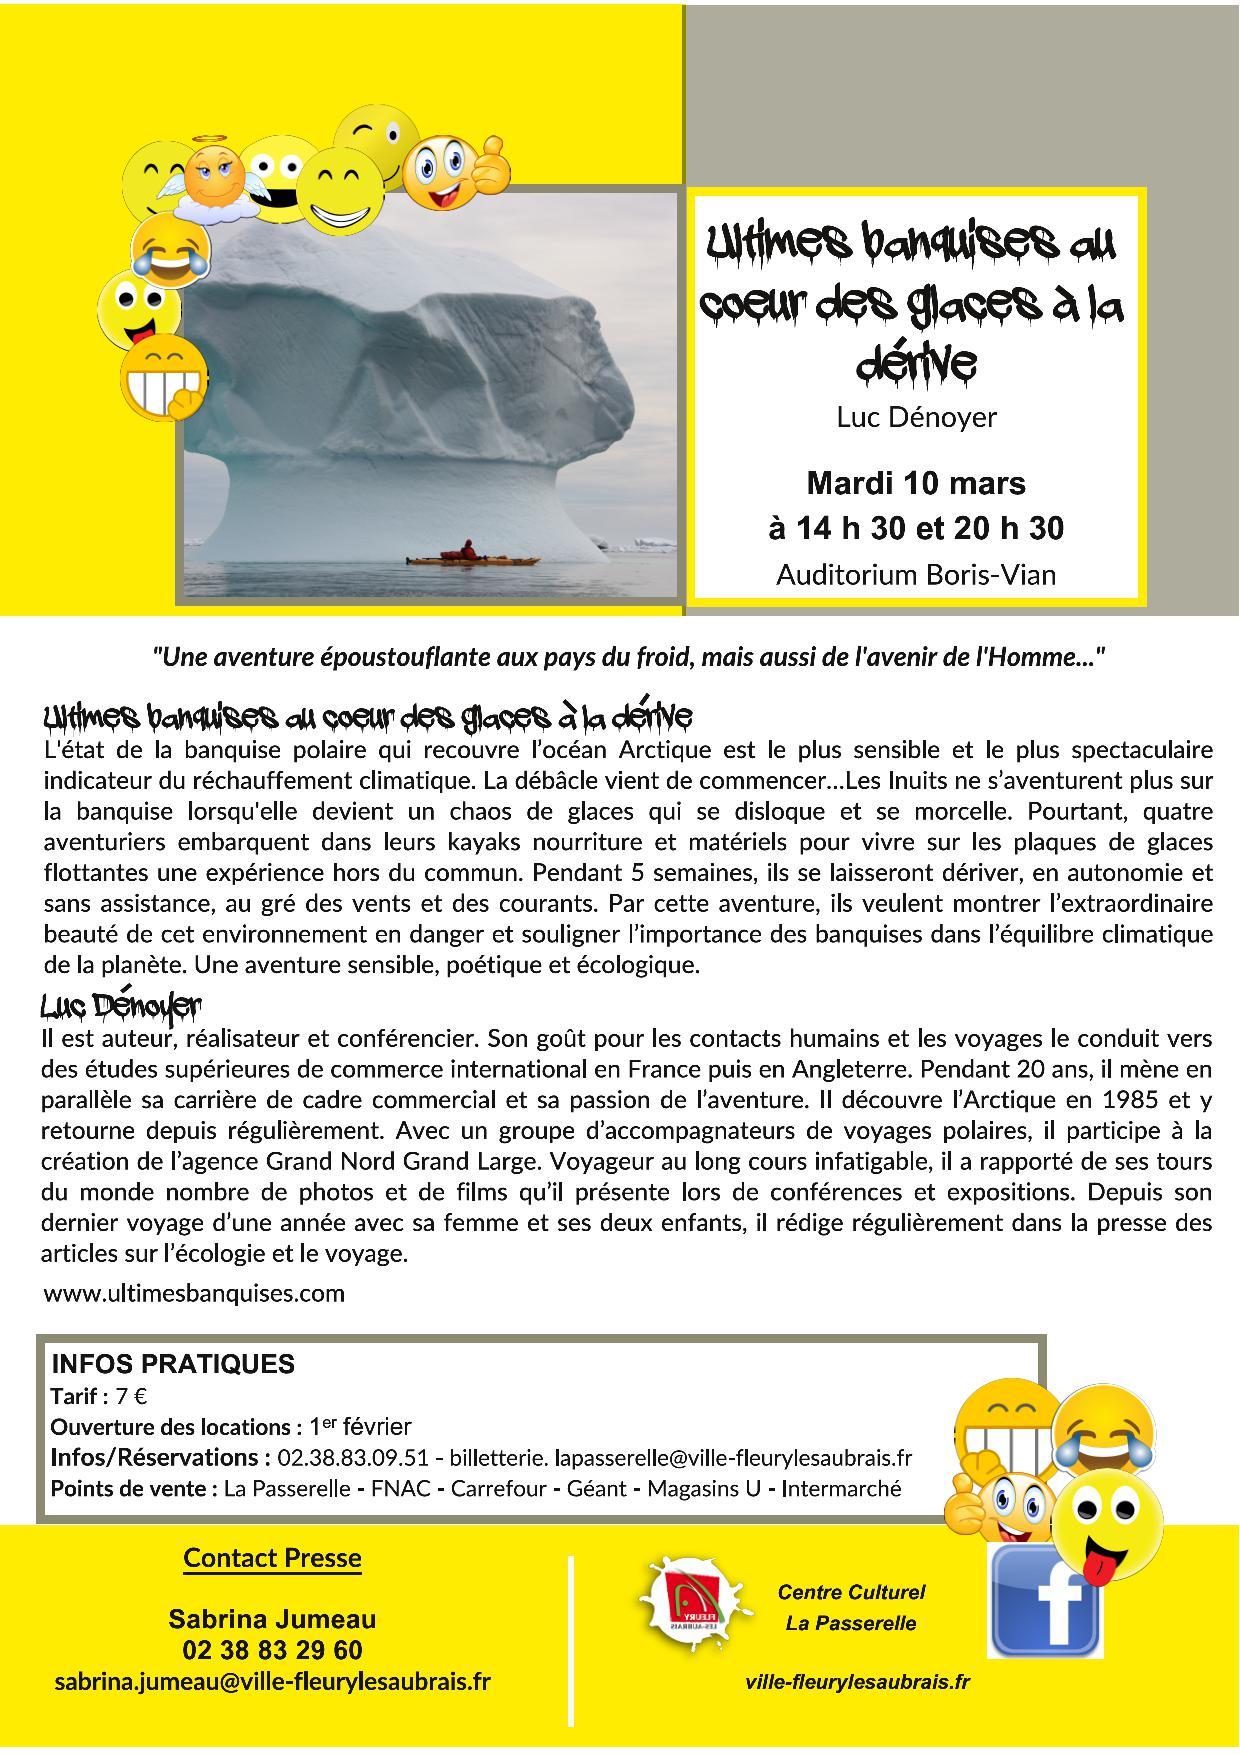 Ultimes banquises au coeur des glaces... - 10 mars.jpg